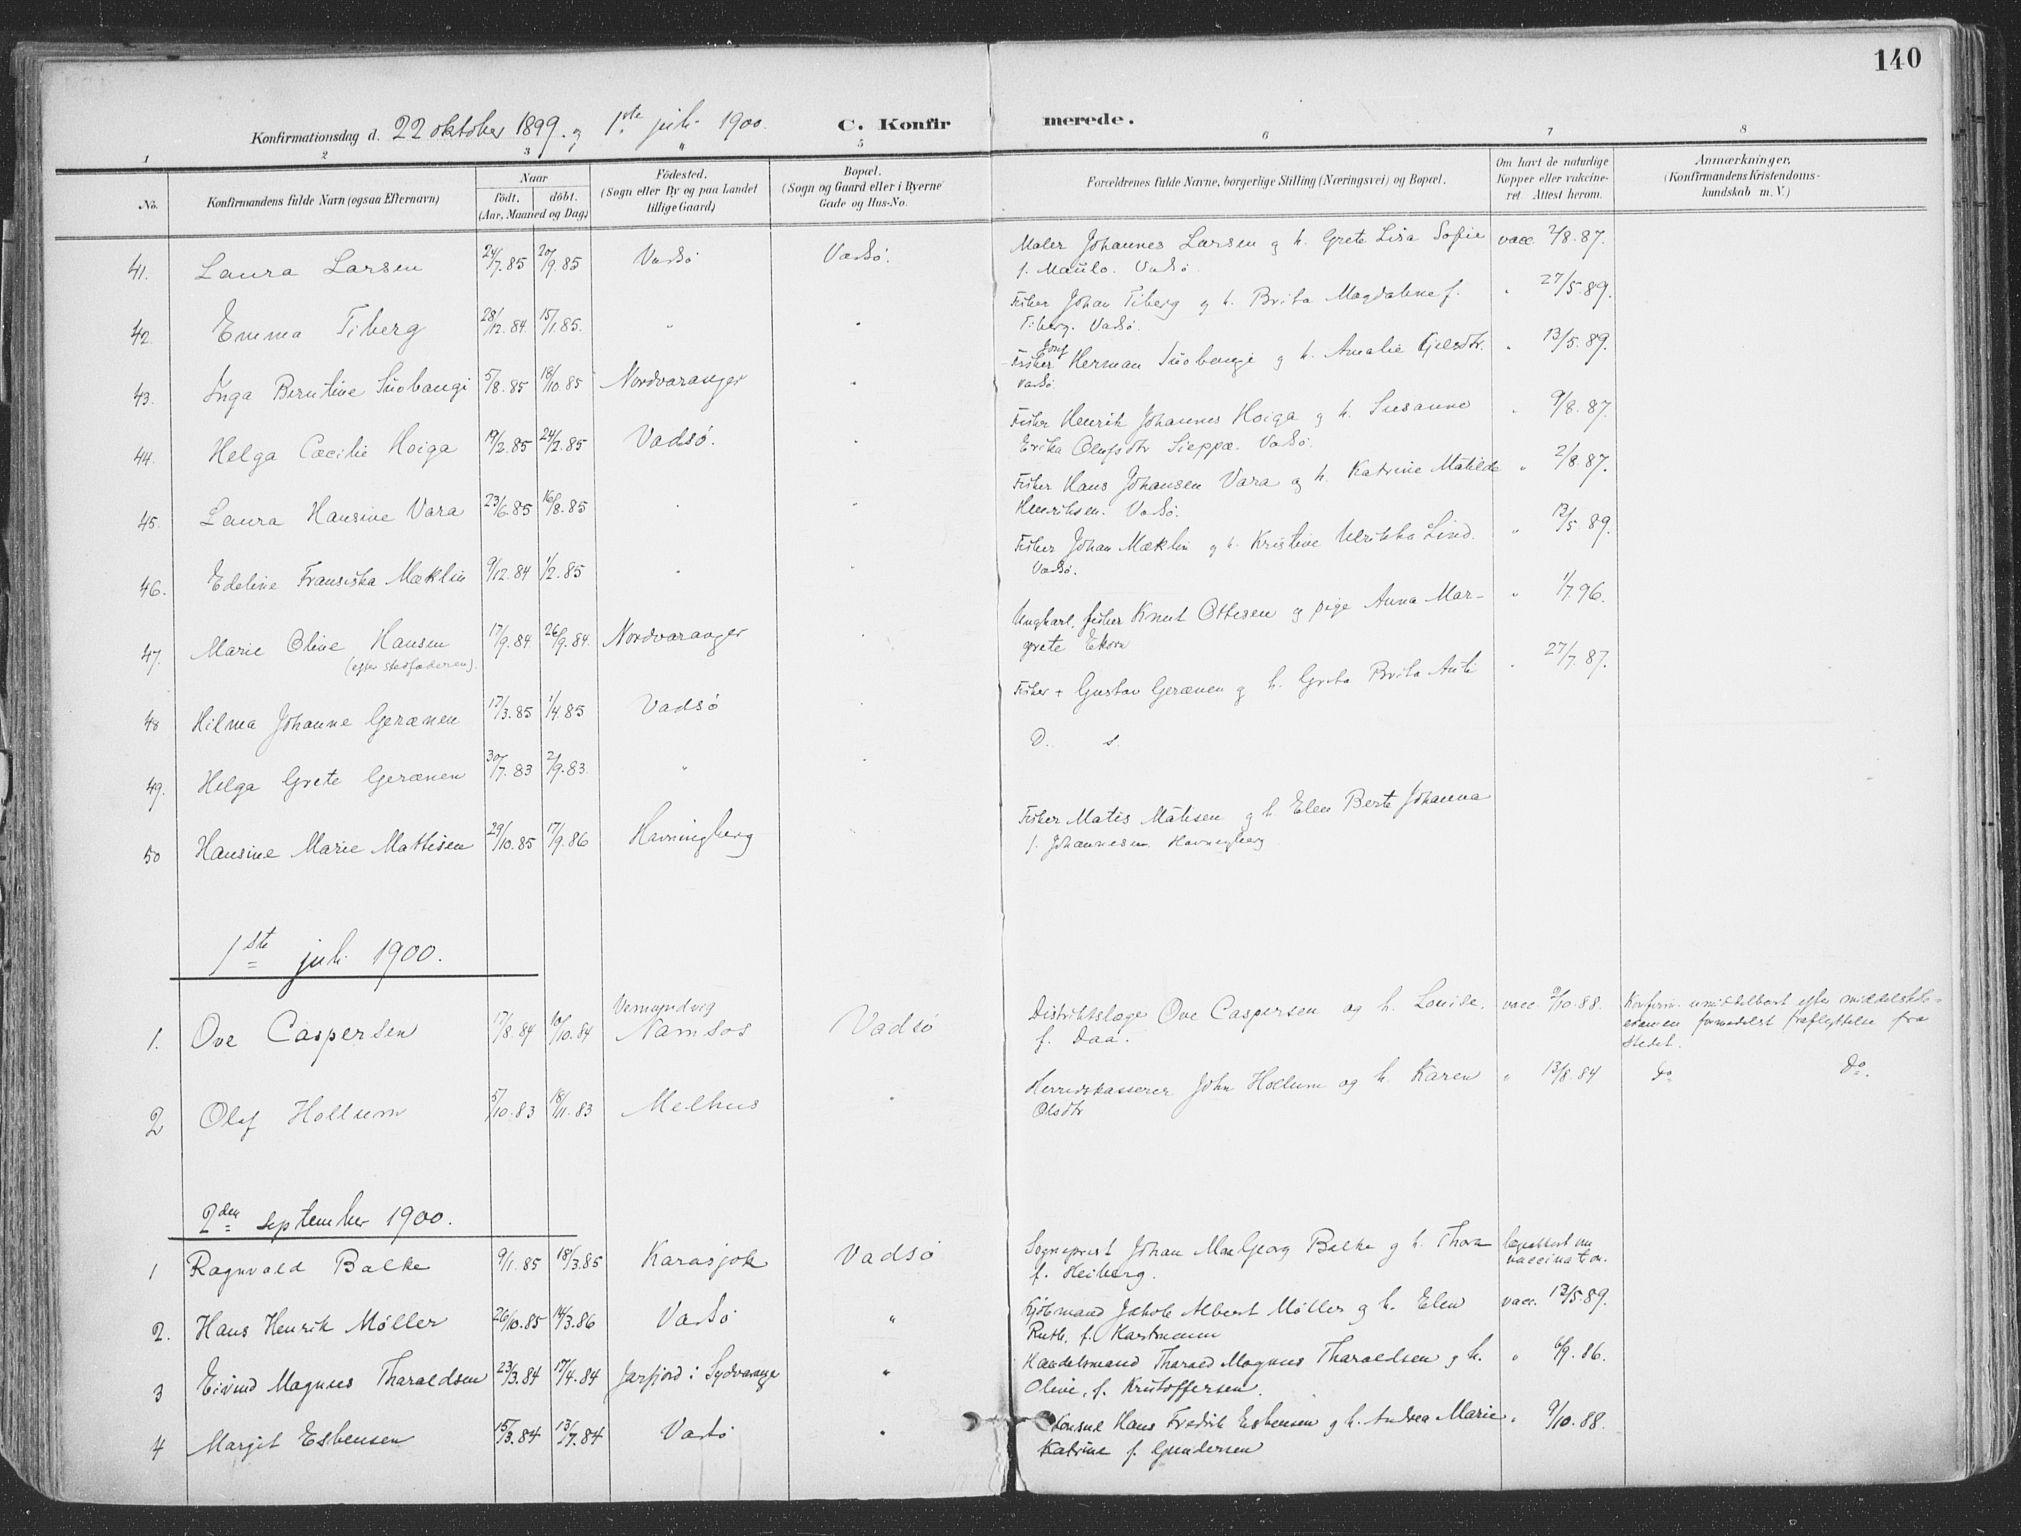 SATØ, Vadsø sokneprestkontor, H/Ha/L0007kirke: Ministerialbok nr. 7, 1896-1916, s. 140